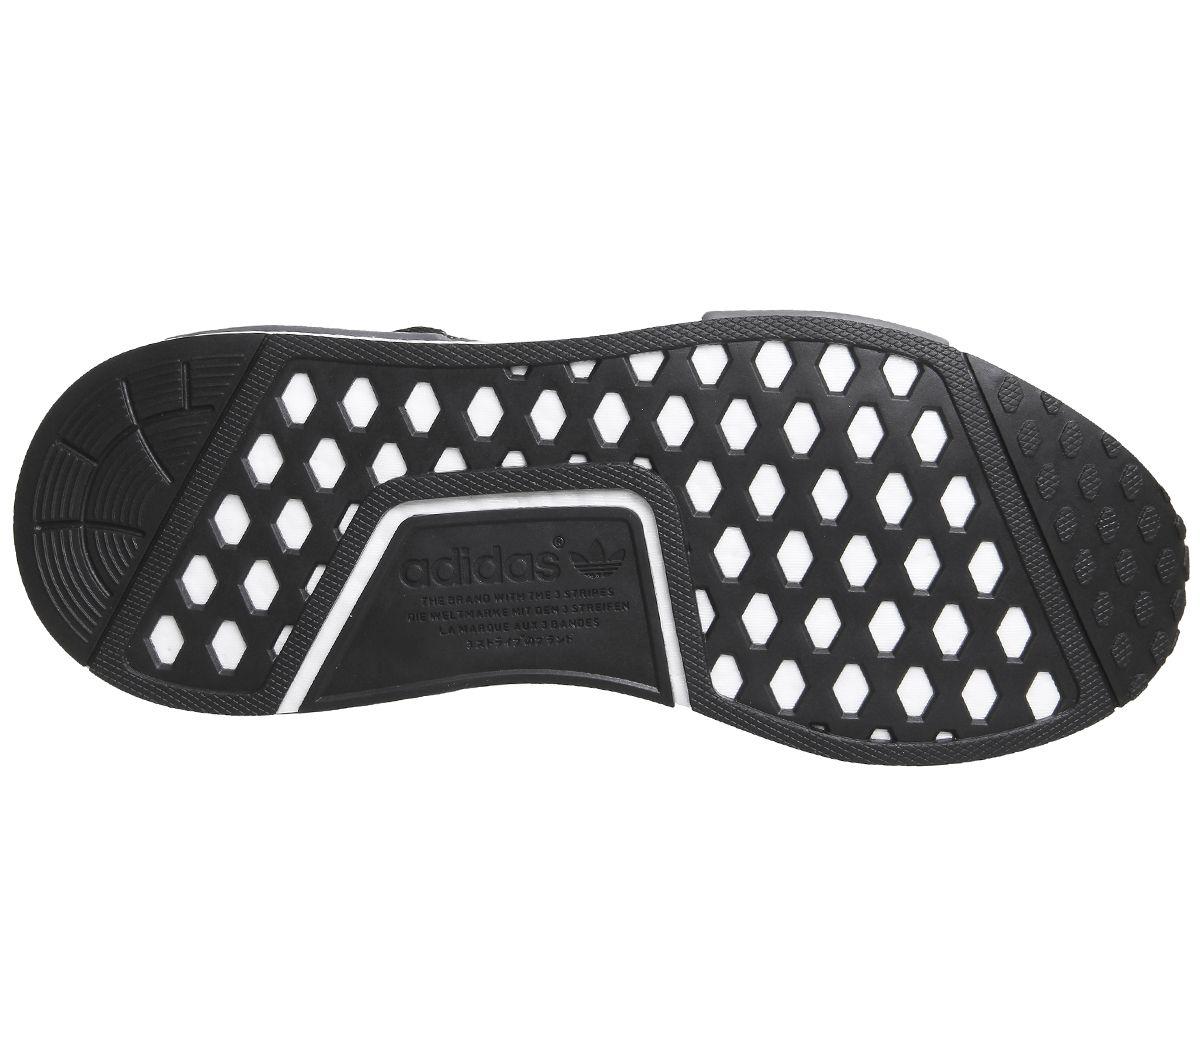 Adidas Adidas Adidas Nmd R1 Turnschuhe Kern Schwarz Grau Weiß Turn Schuhe 16523b